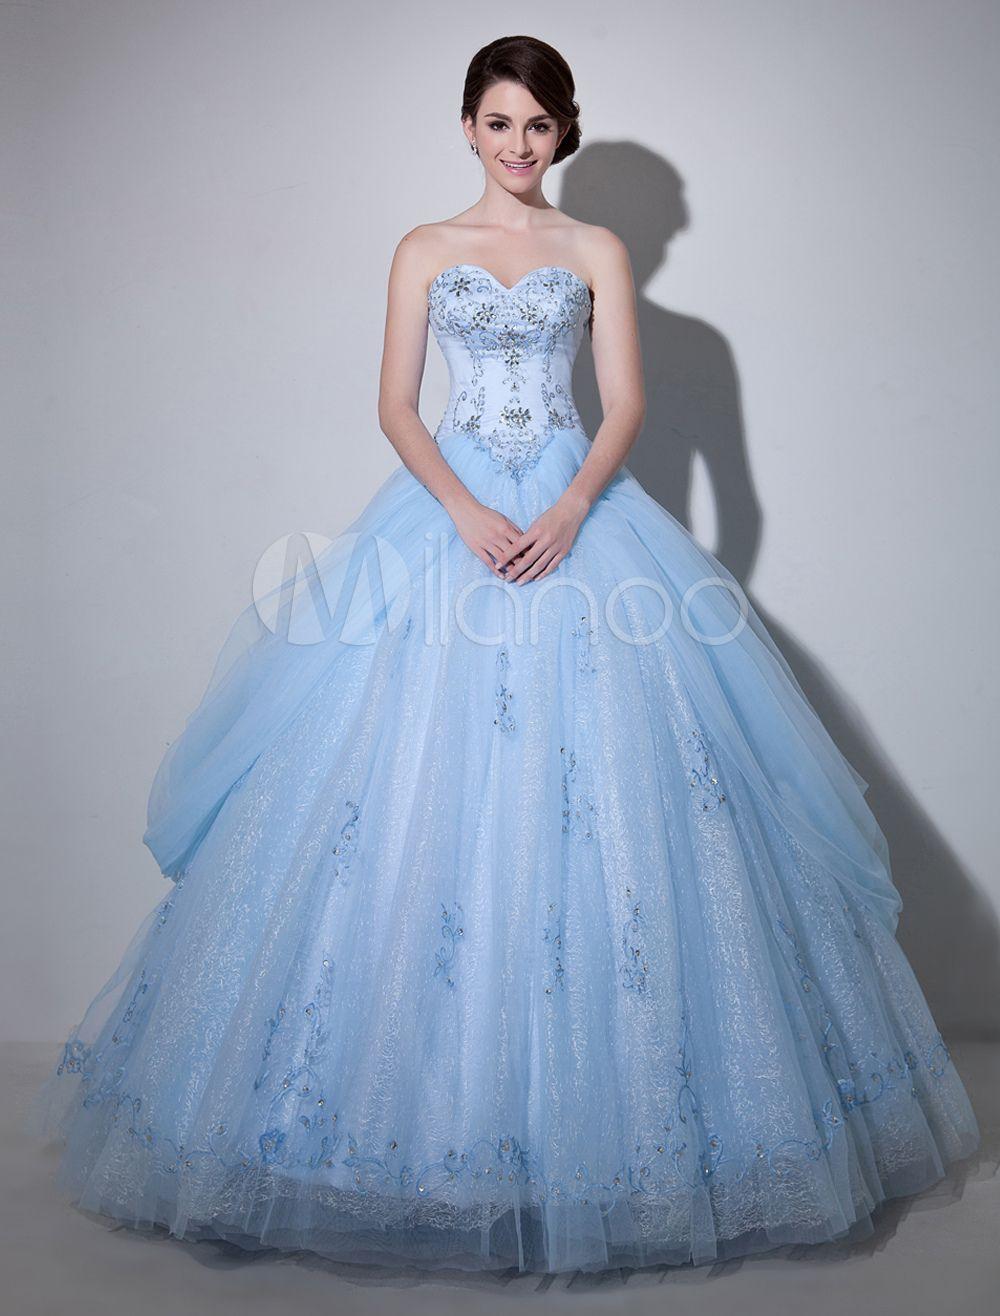 Robe de mariage en tulle bleu ciel clair brodé à col en coeur ...